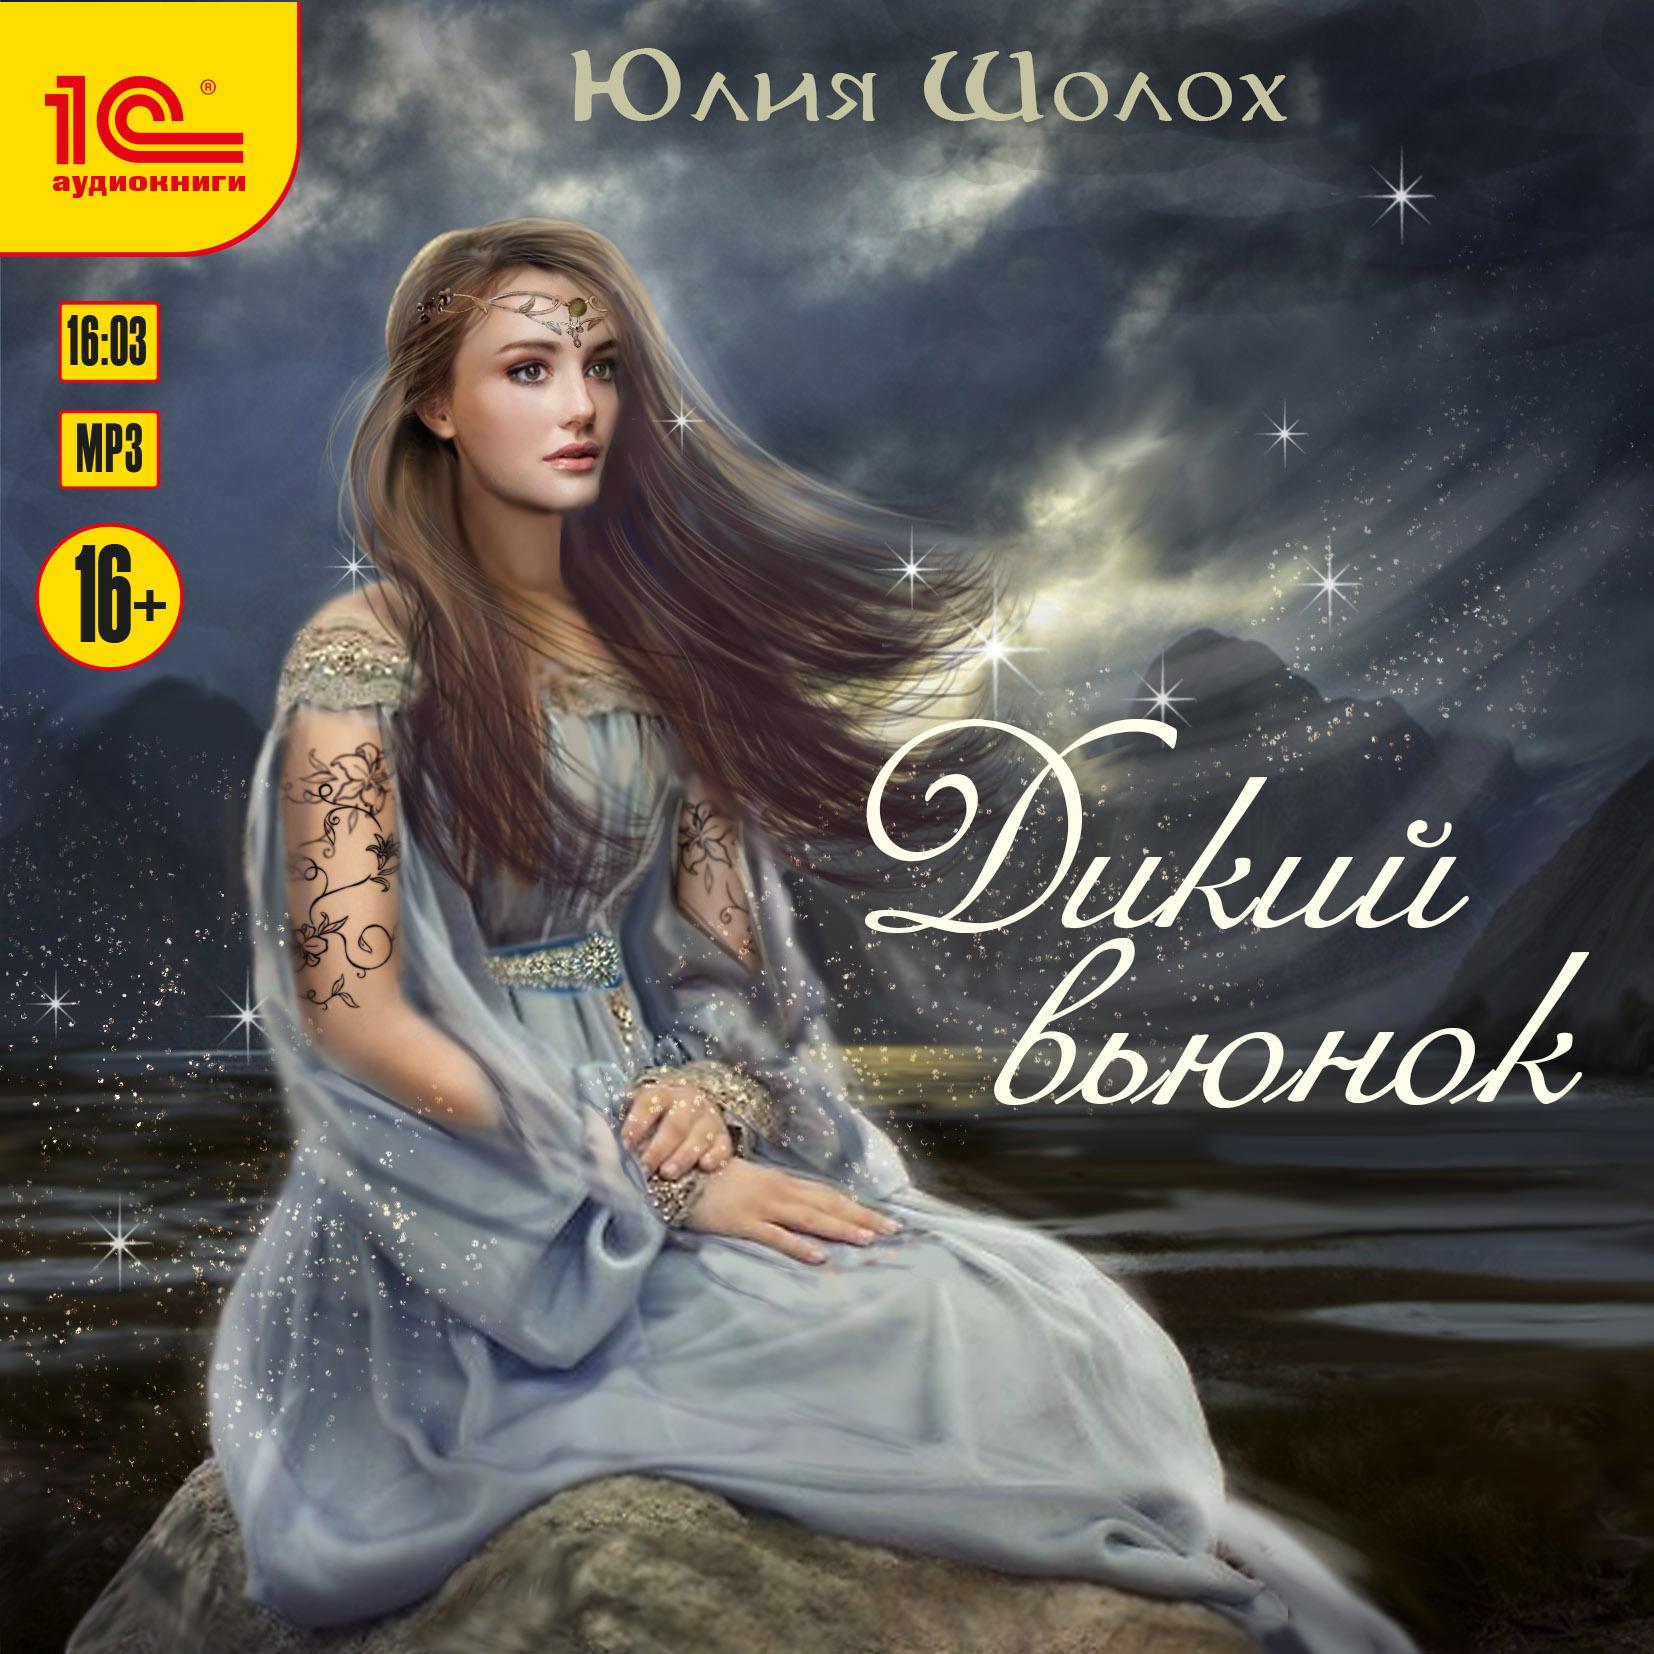 Юлия Шолох Дикий вьюнок (цифровая версия) (Цифровая версия)